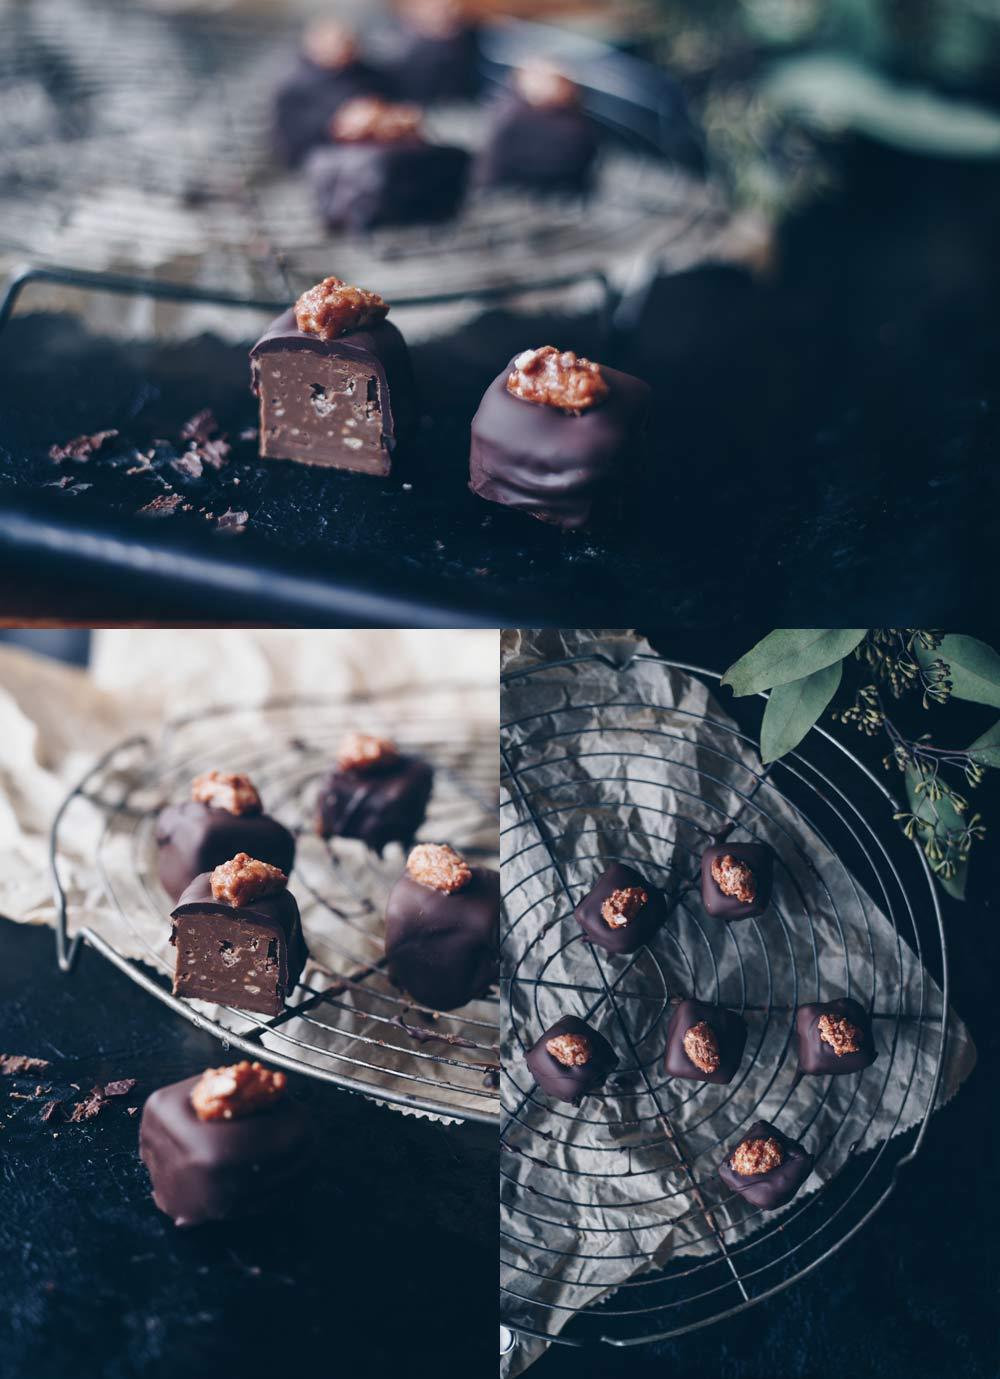 Geschenke aus der Küche - Nougatpralinen mit gebrannten Mandeln